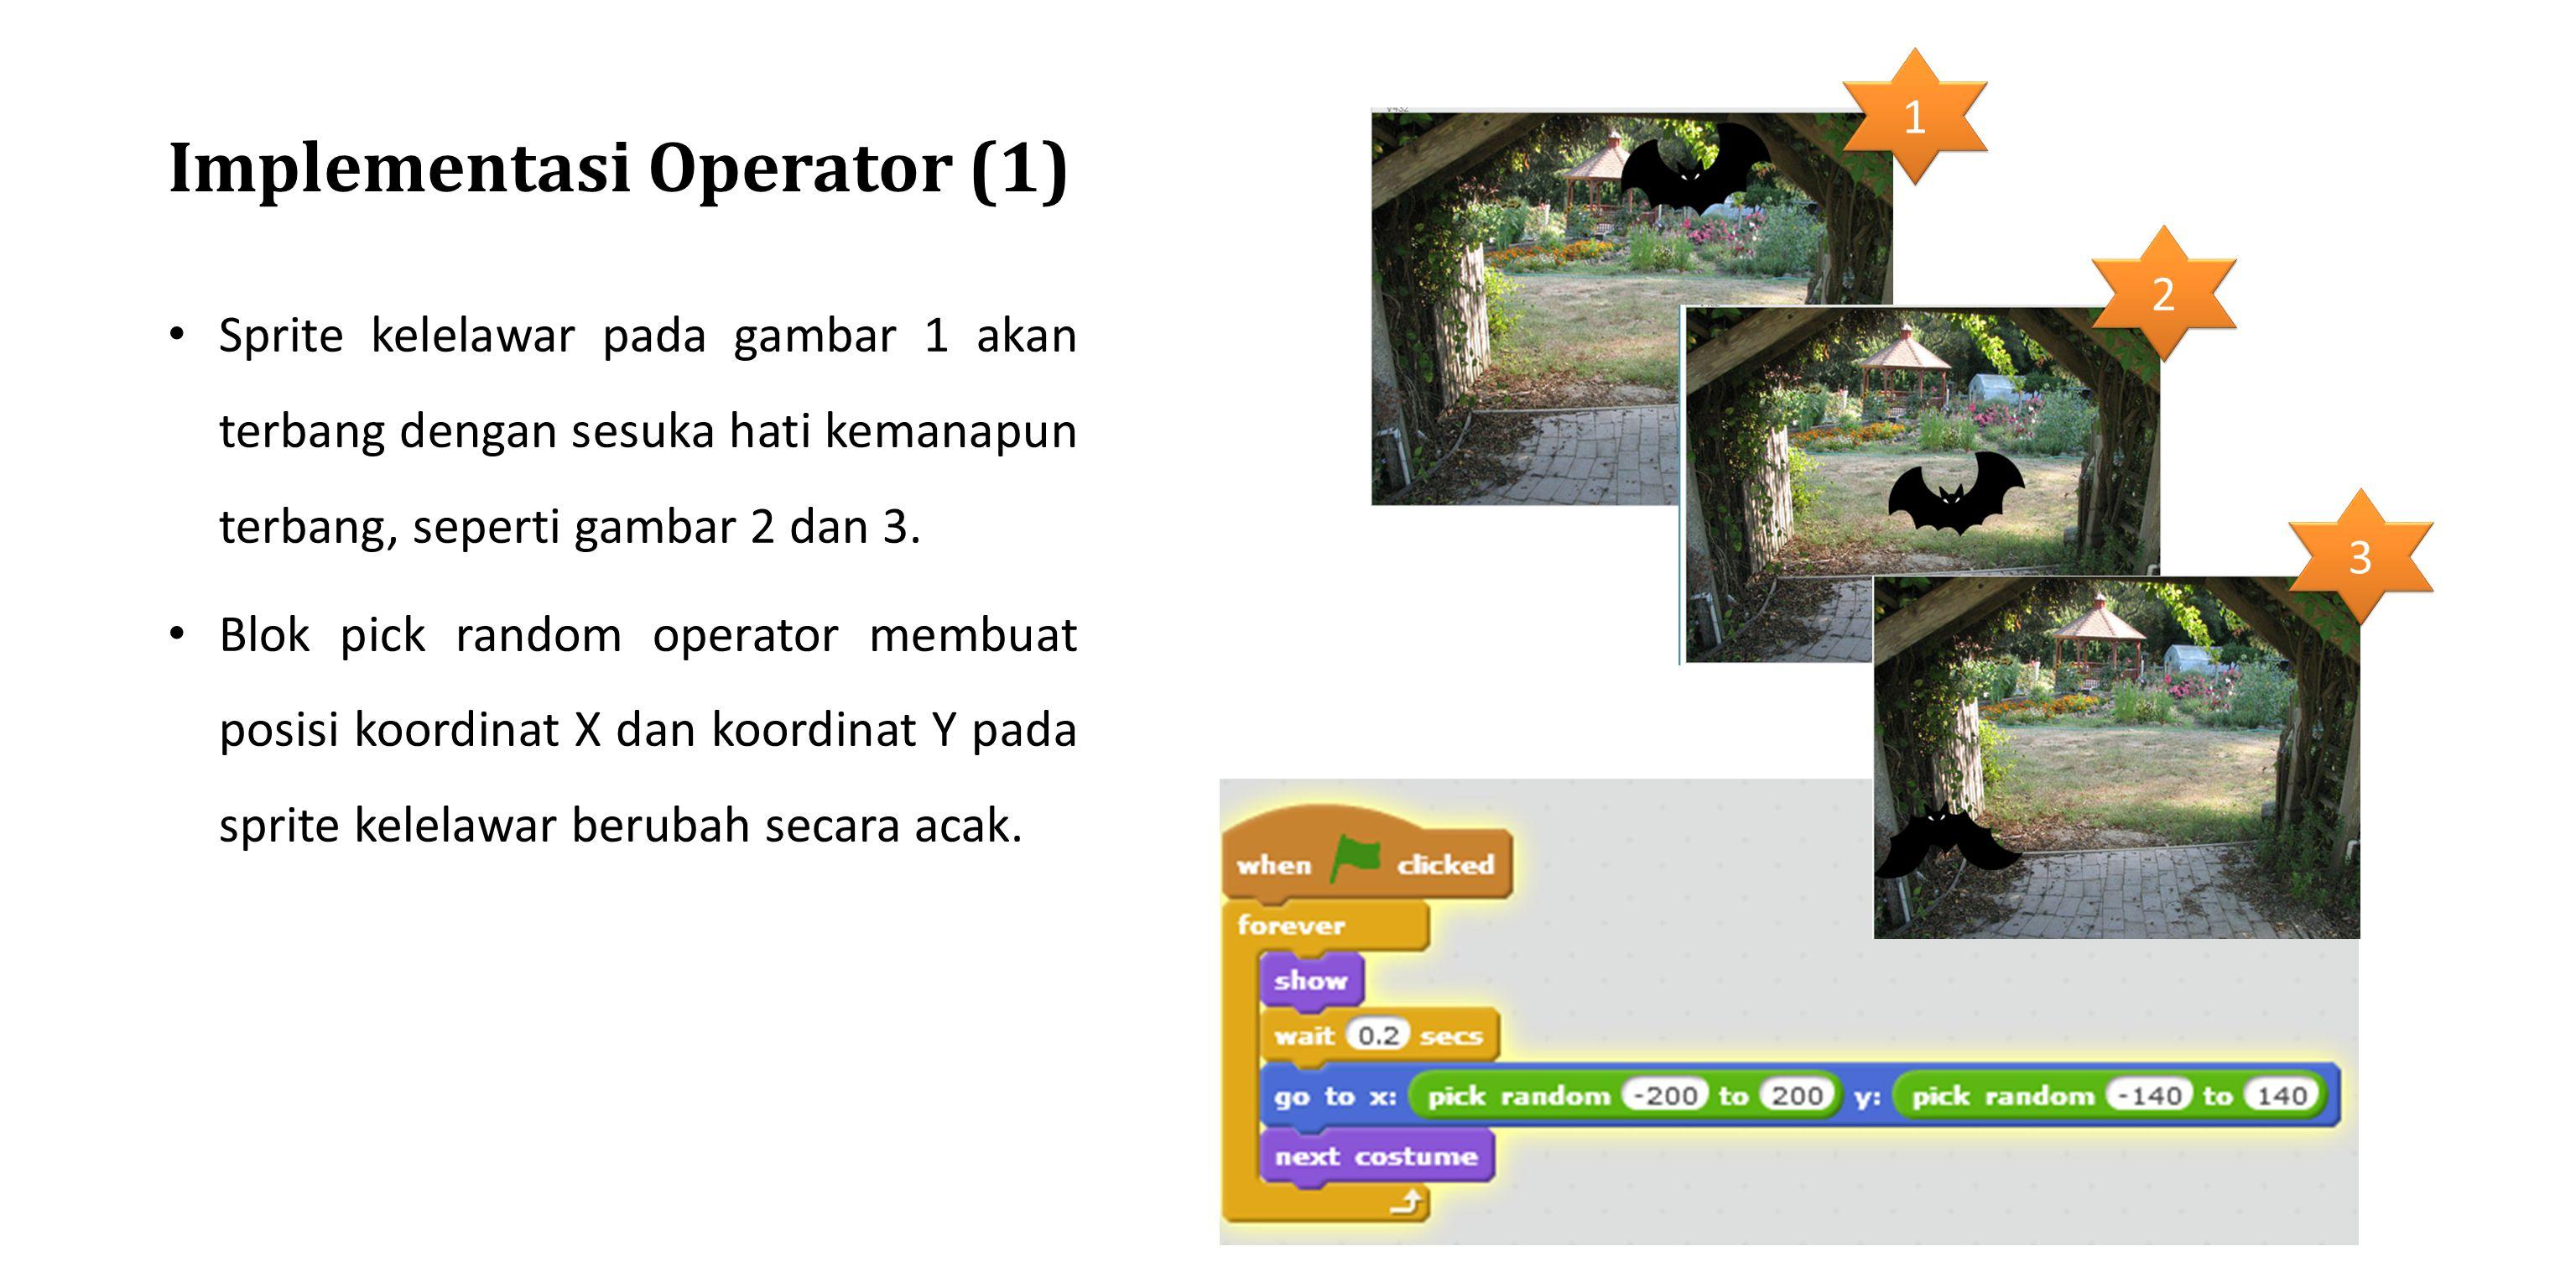 Implementasi Operator (2) Sprite anak muda akan mengatakan perkalian 2 secara otomatis.